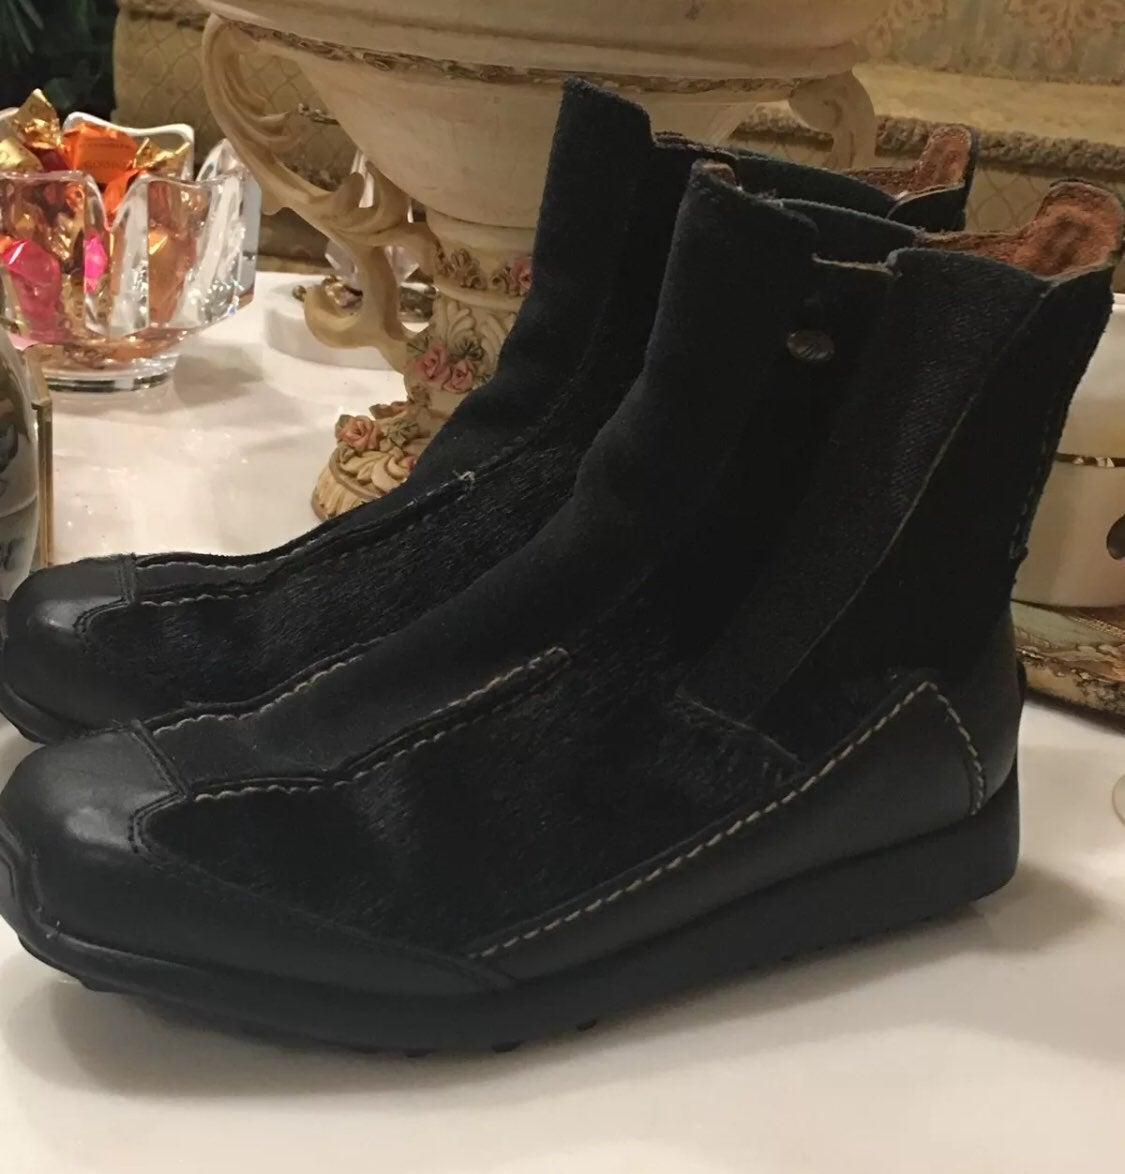 Tecnica Black Goat Fur  Boots